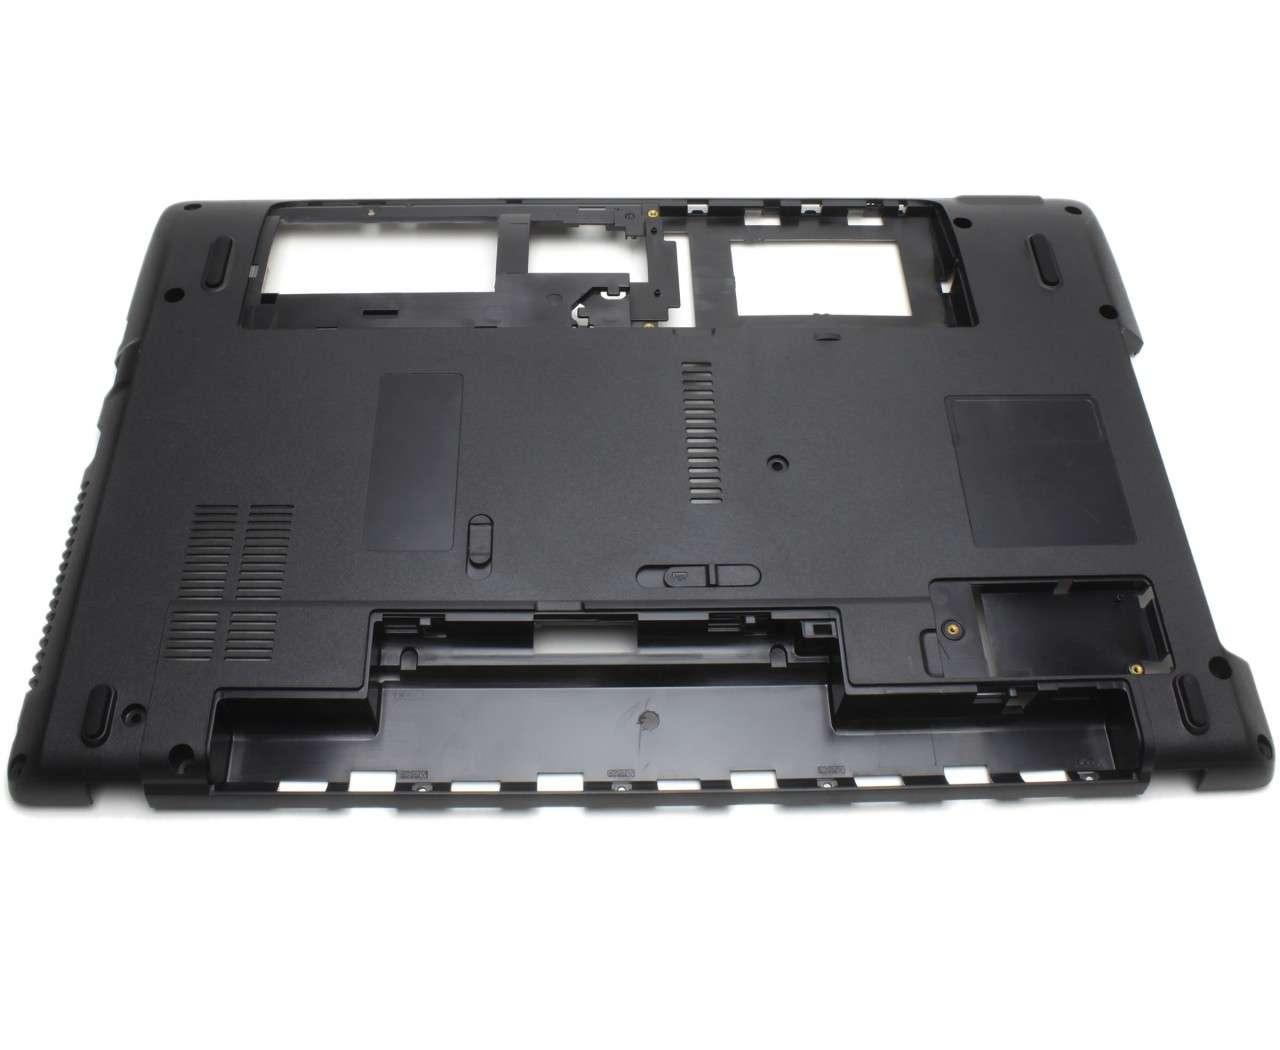 Bottom Case Emachines E443 Carcasa Inferioara cu codul AP0FO0007000 imagine powerlaptop.ro 2021